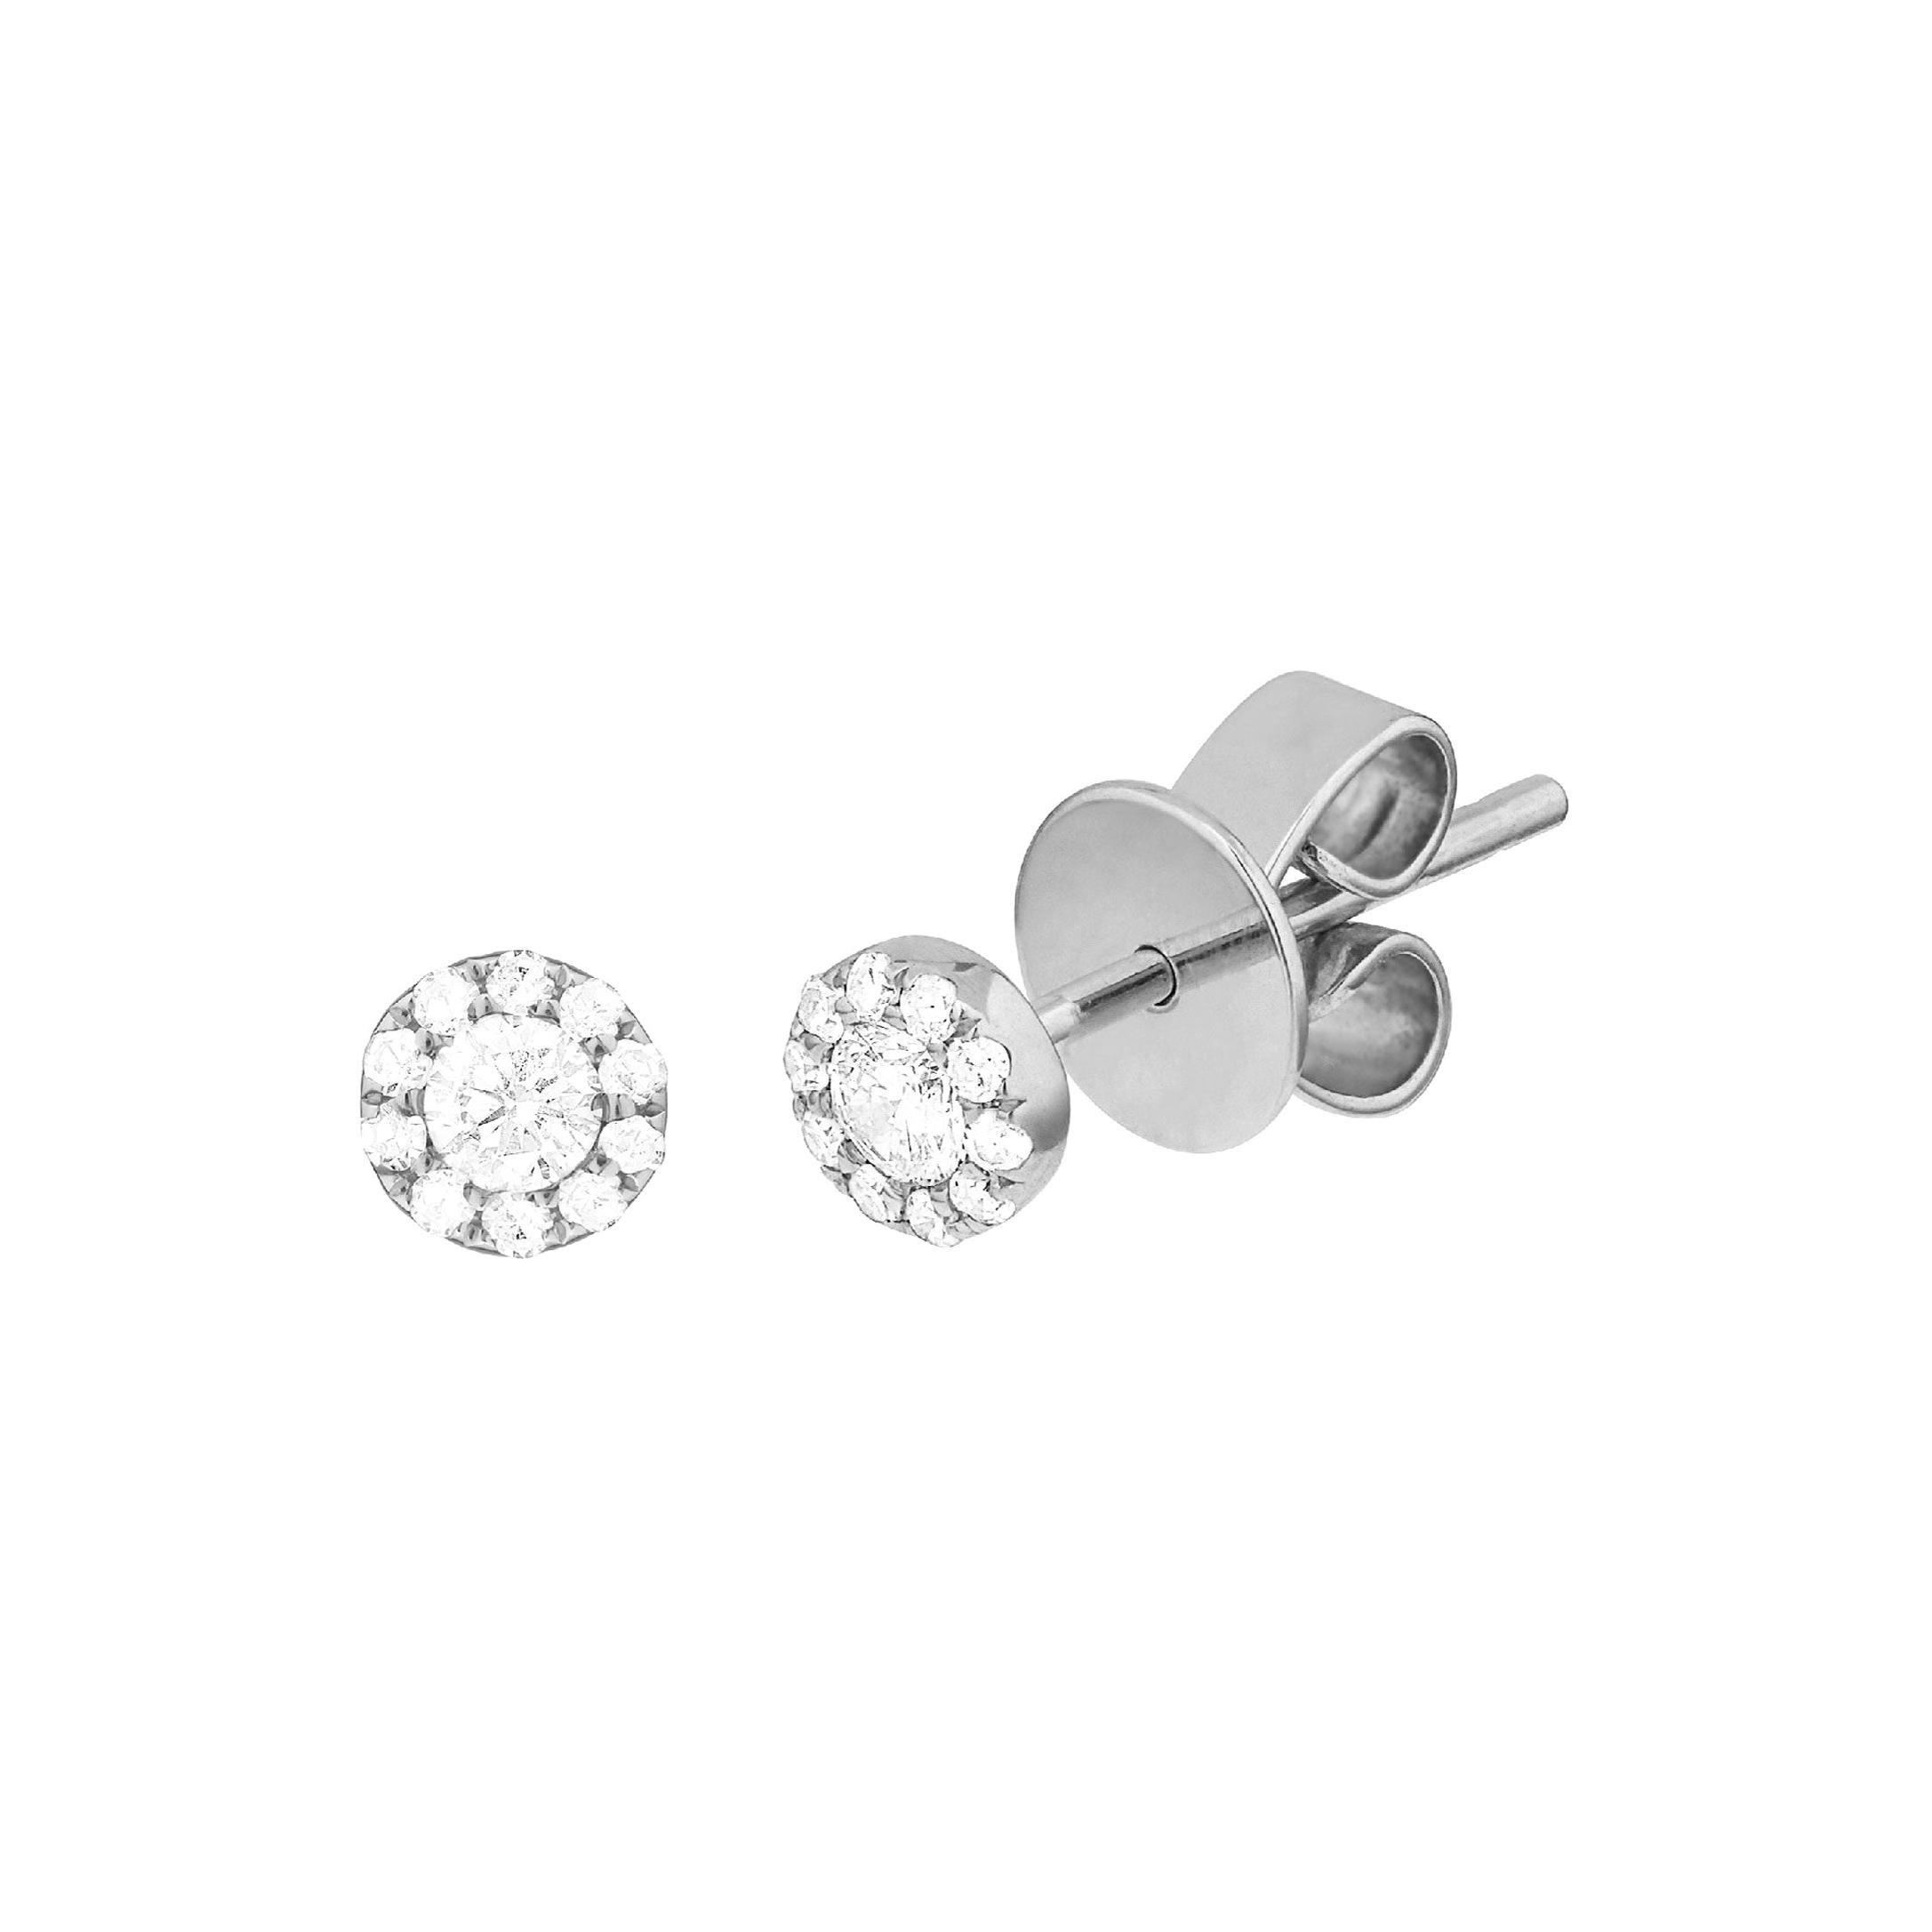 14 Karat White Gold 0.115 Carat Diamond Cluster Earrings